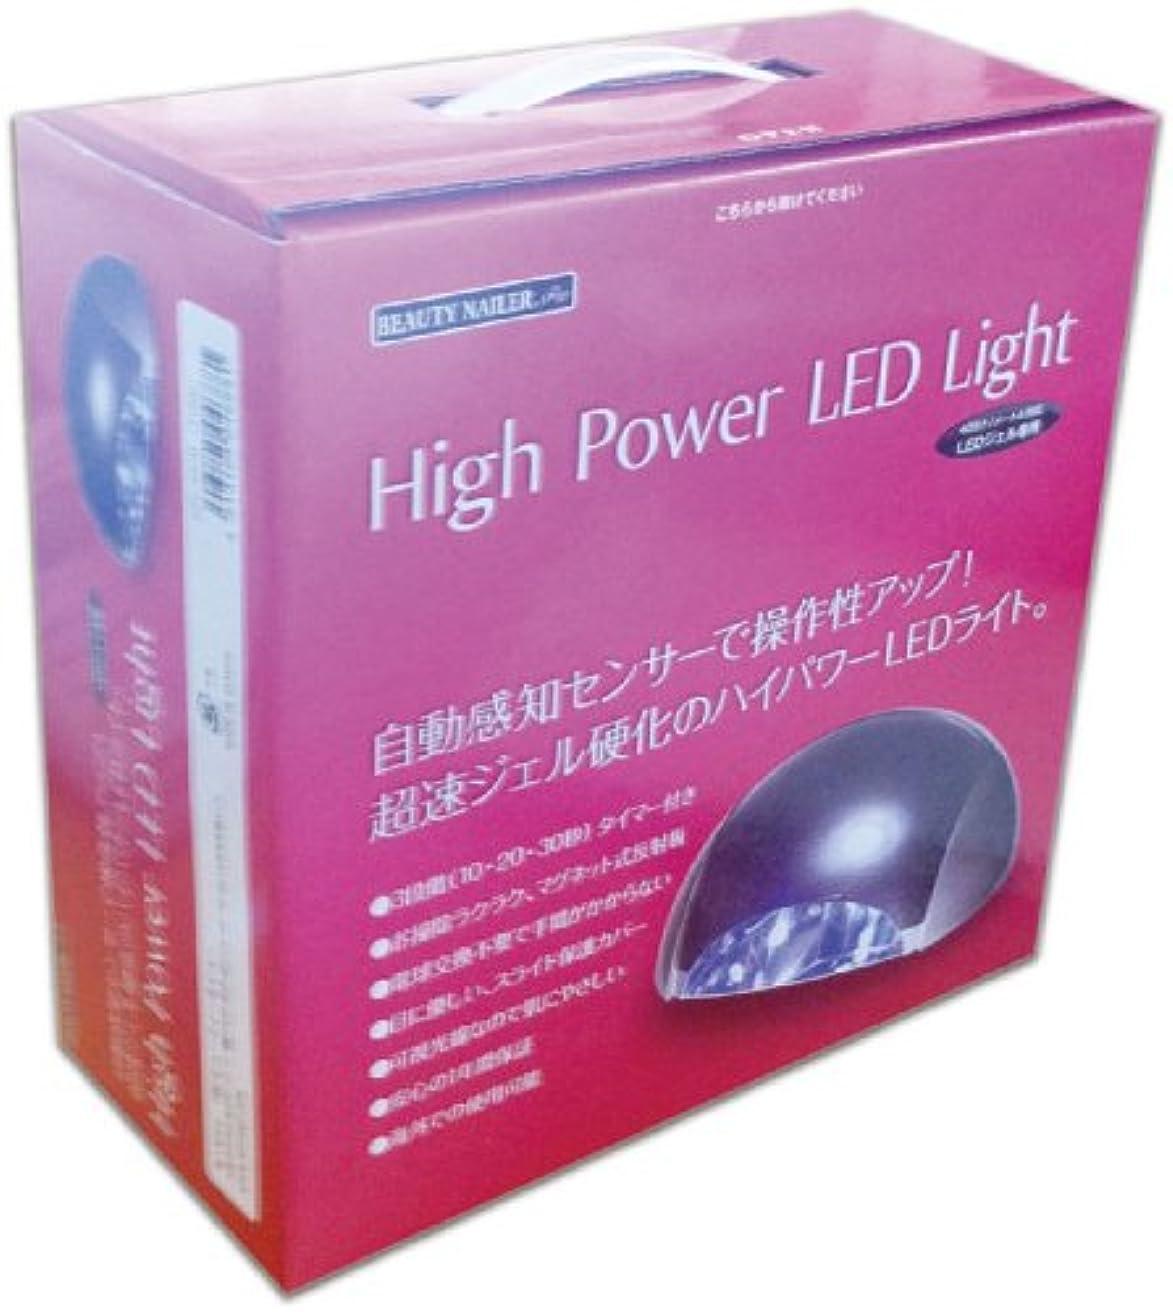 消去粒マーカービューティーネイラー ハイパワーLEDライト HPL-40GB パールブラック